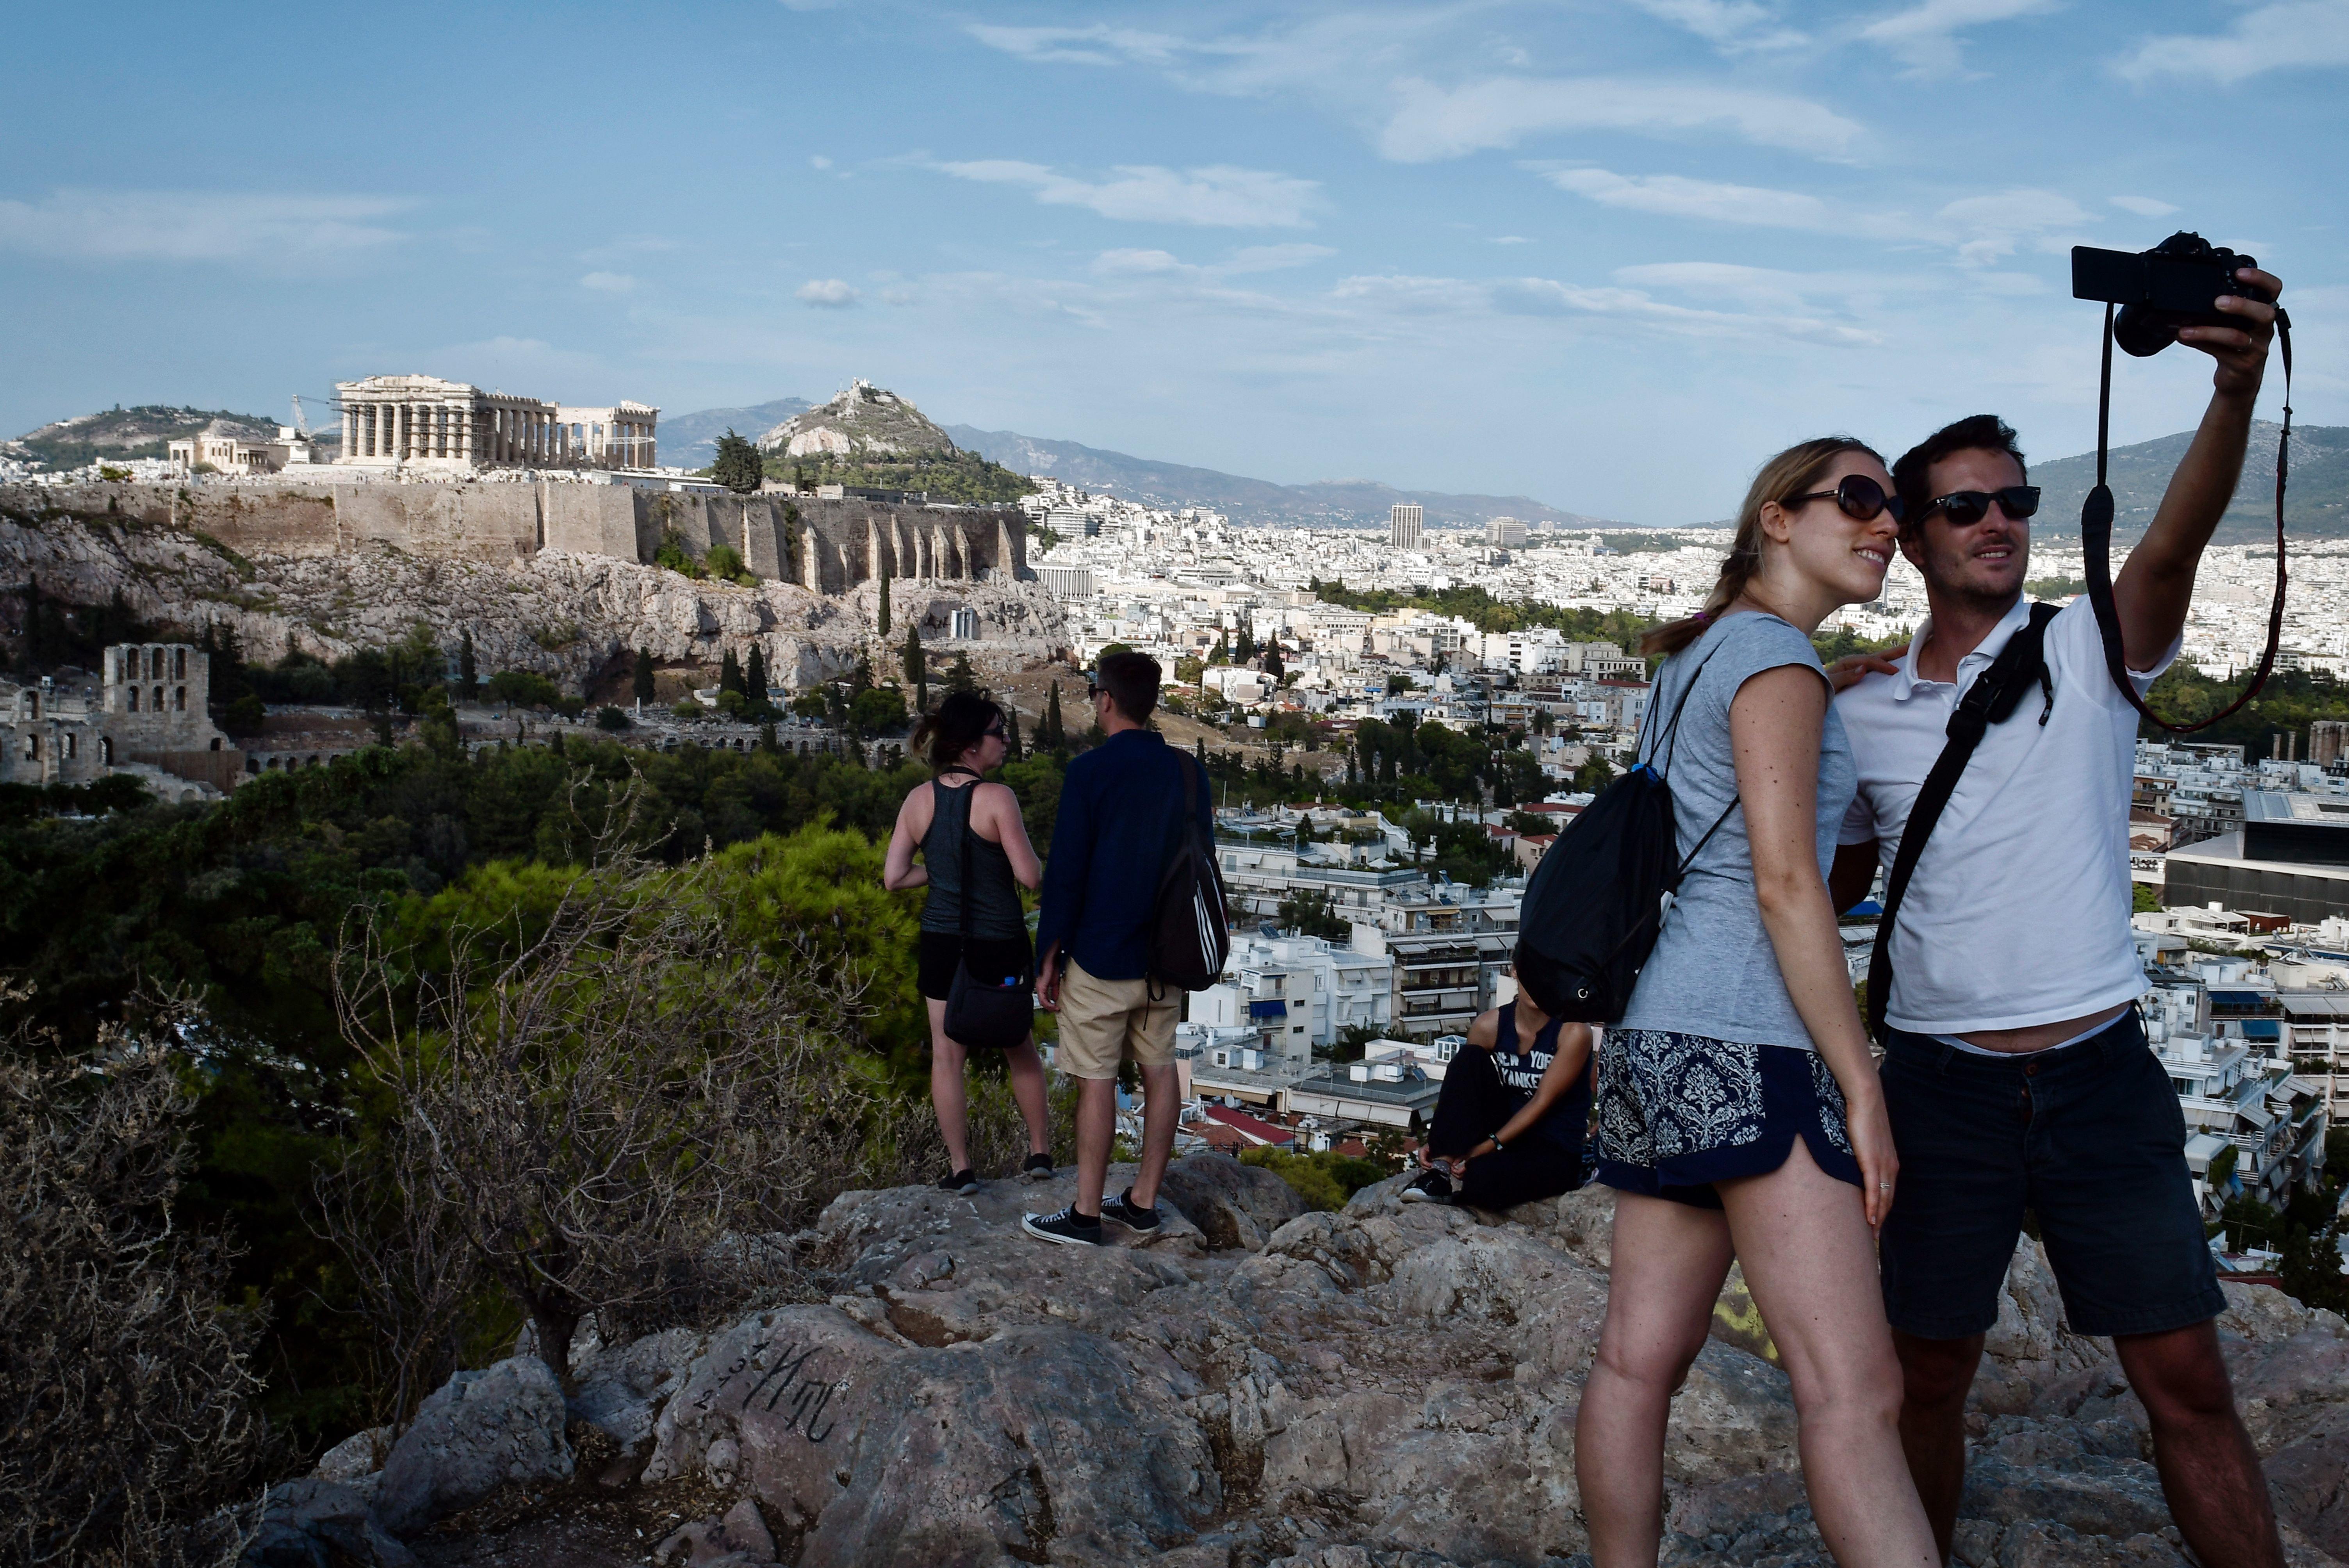 Η Ελλάδα ανταγωνίζεται τουριστικά τον εαυτό